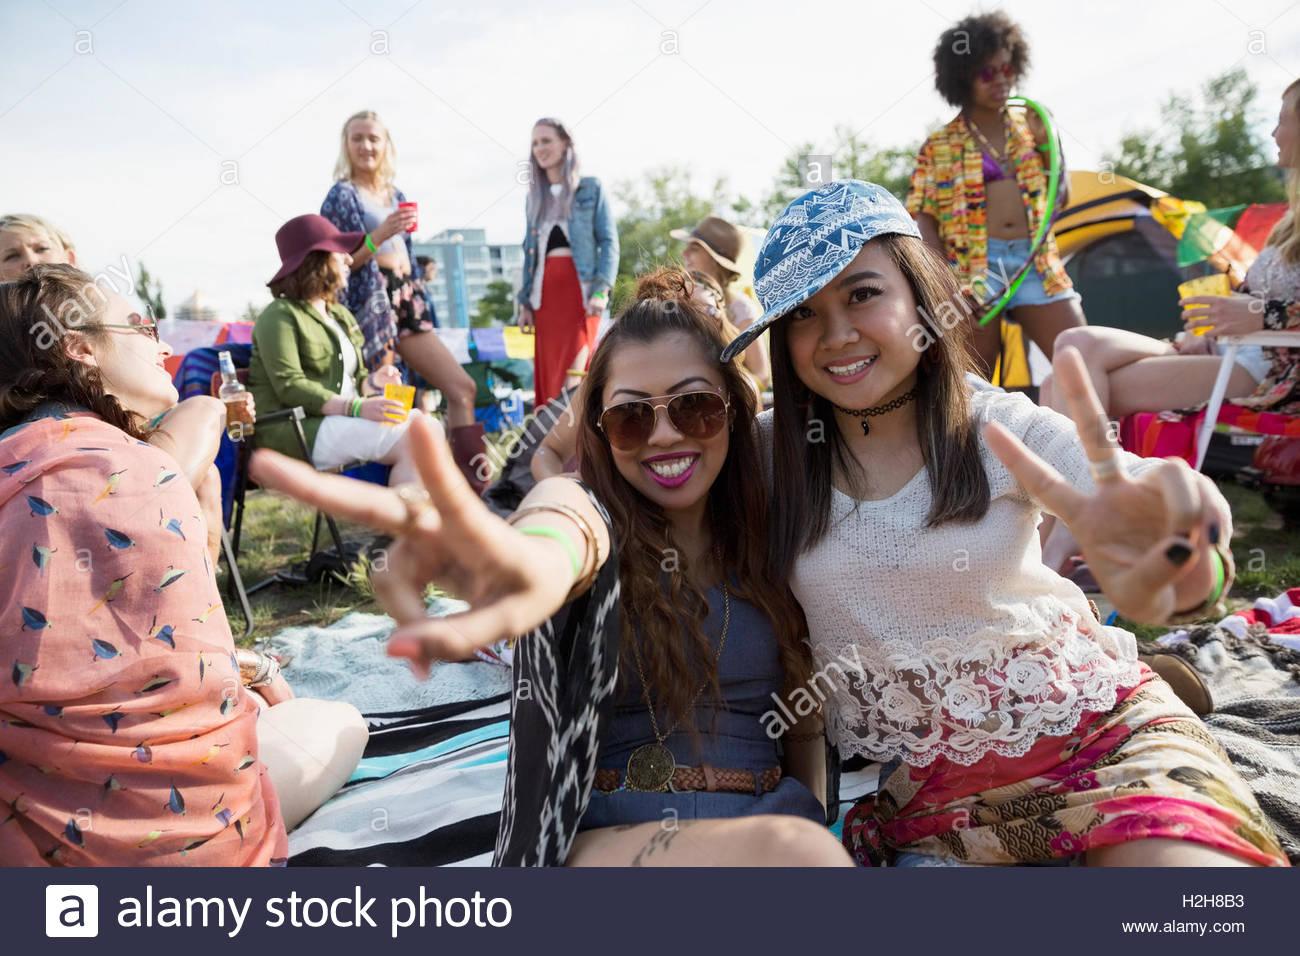 Ritratto entusiasta di giovani donne gesti segno di pace presso i festival estivi di musica Immagini Stock